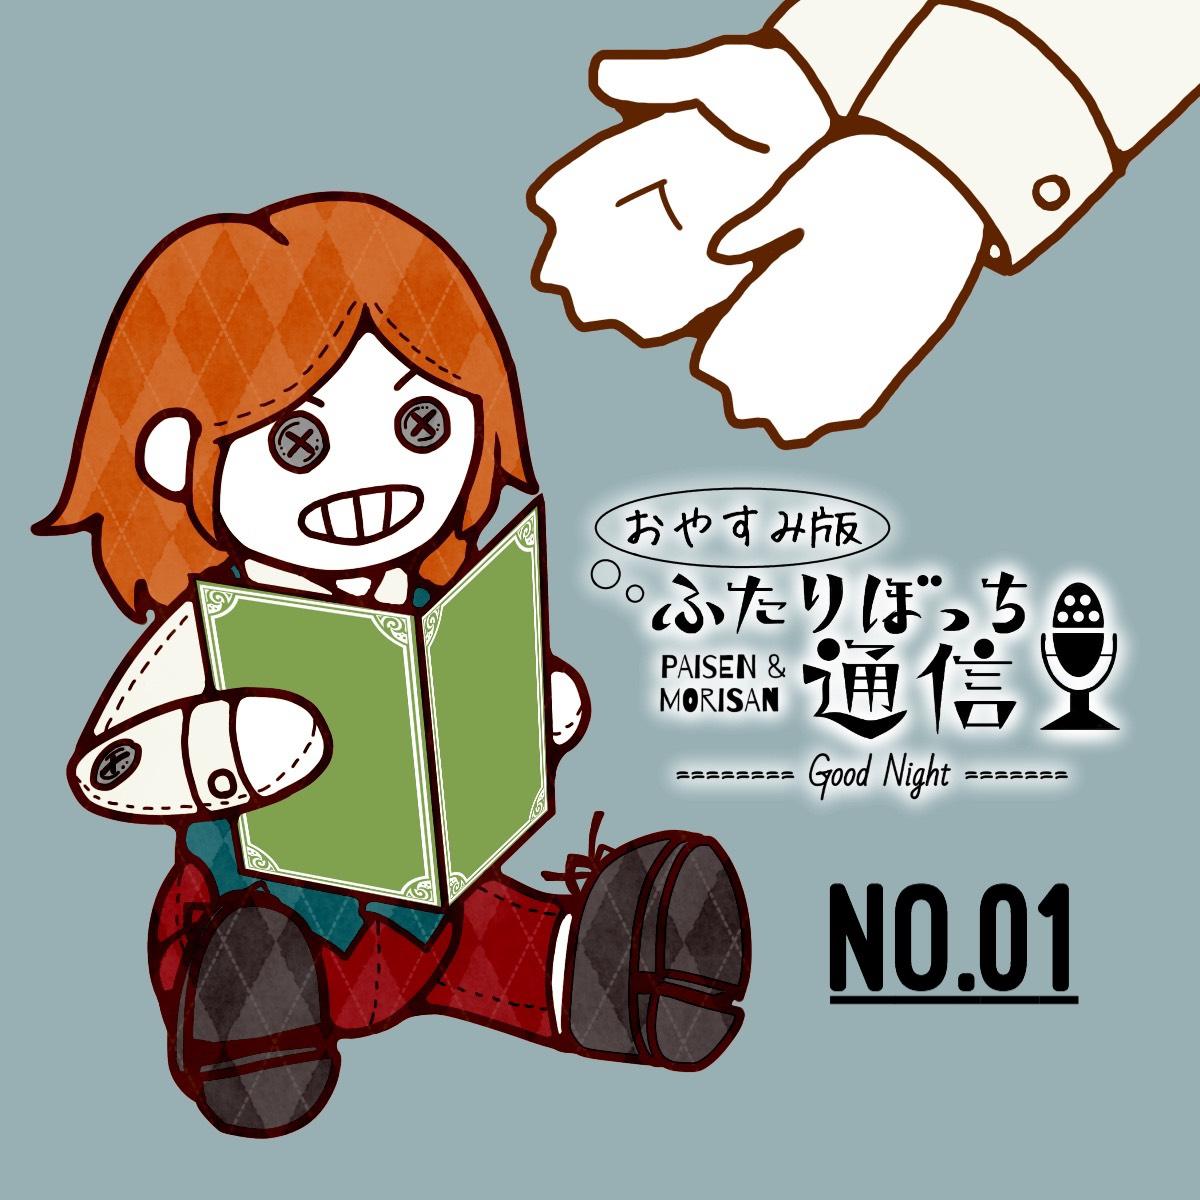 """【おやすみ版】No.01 '""""ぼくのゆめ""""'"""